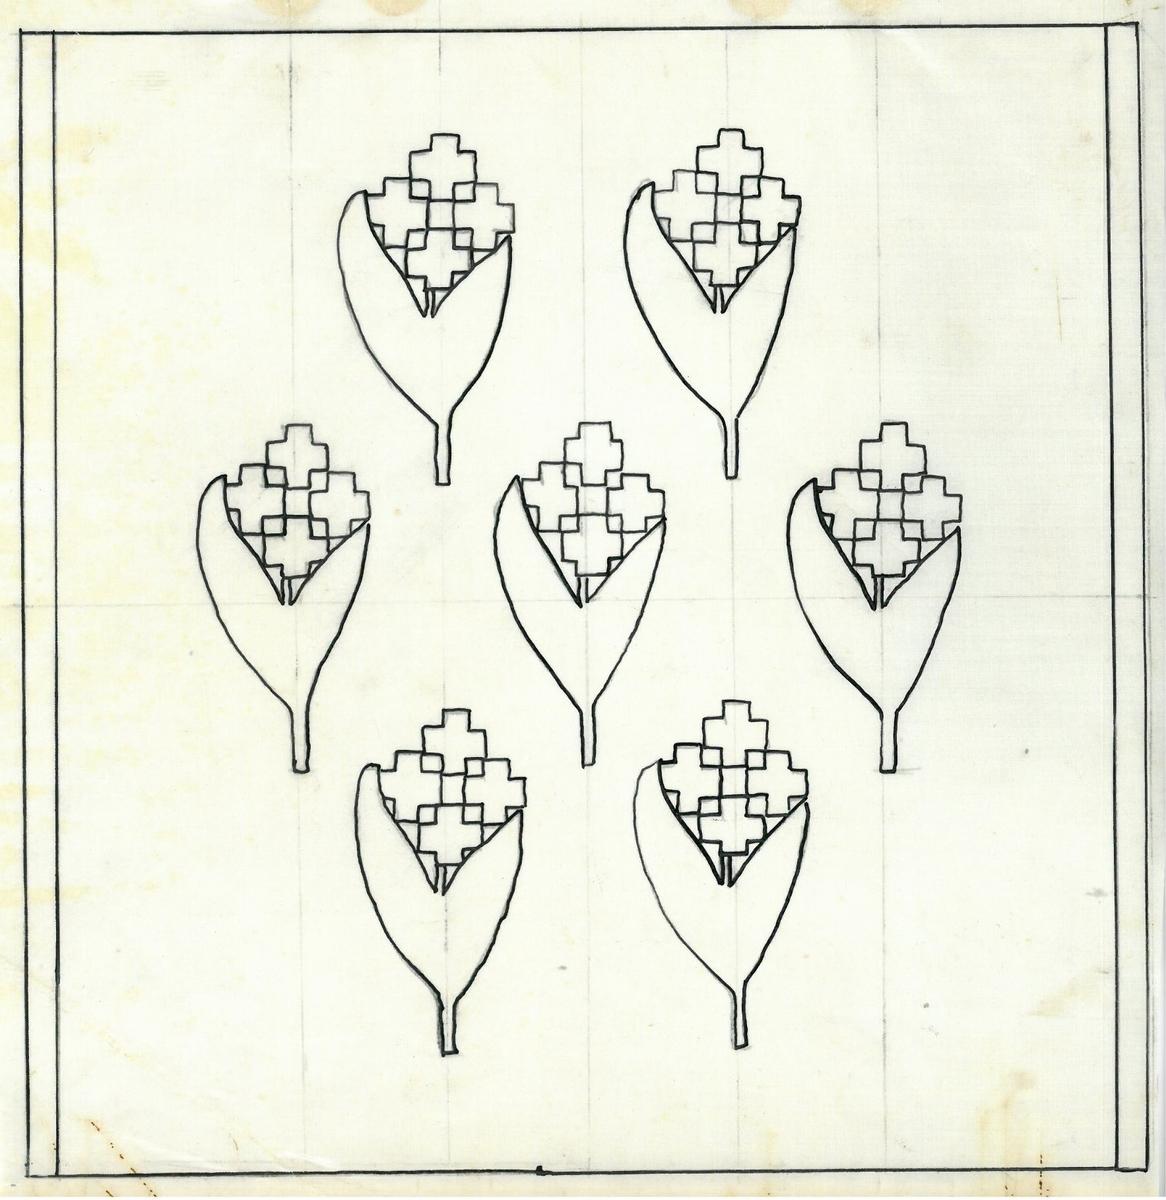 """Skiss och vävprov till kuddar och väskor. Formgivare: Age Faith-Ell 1946 Bild 2 """"22x22 cm. Skala 1:2. Sked 40/10, 1 tr i rör""""."""